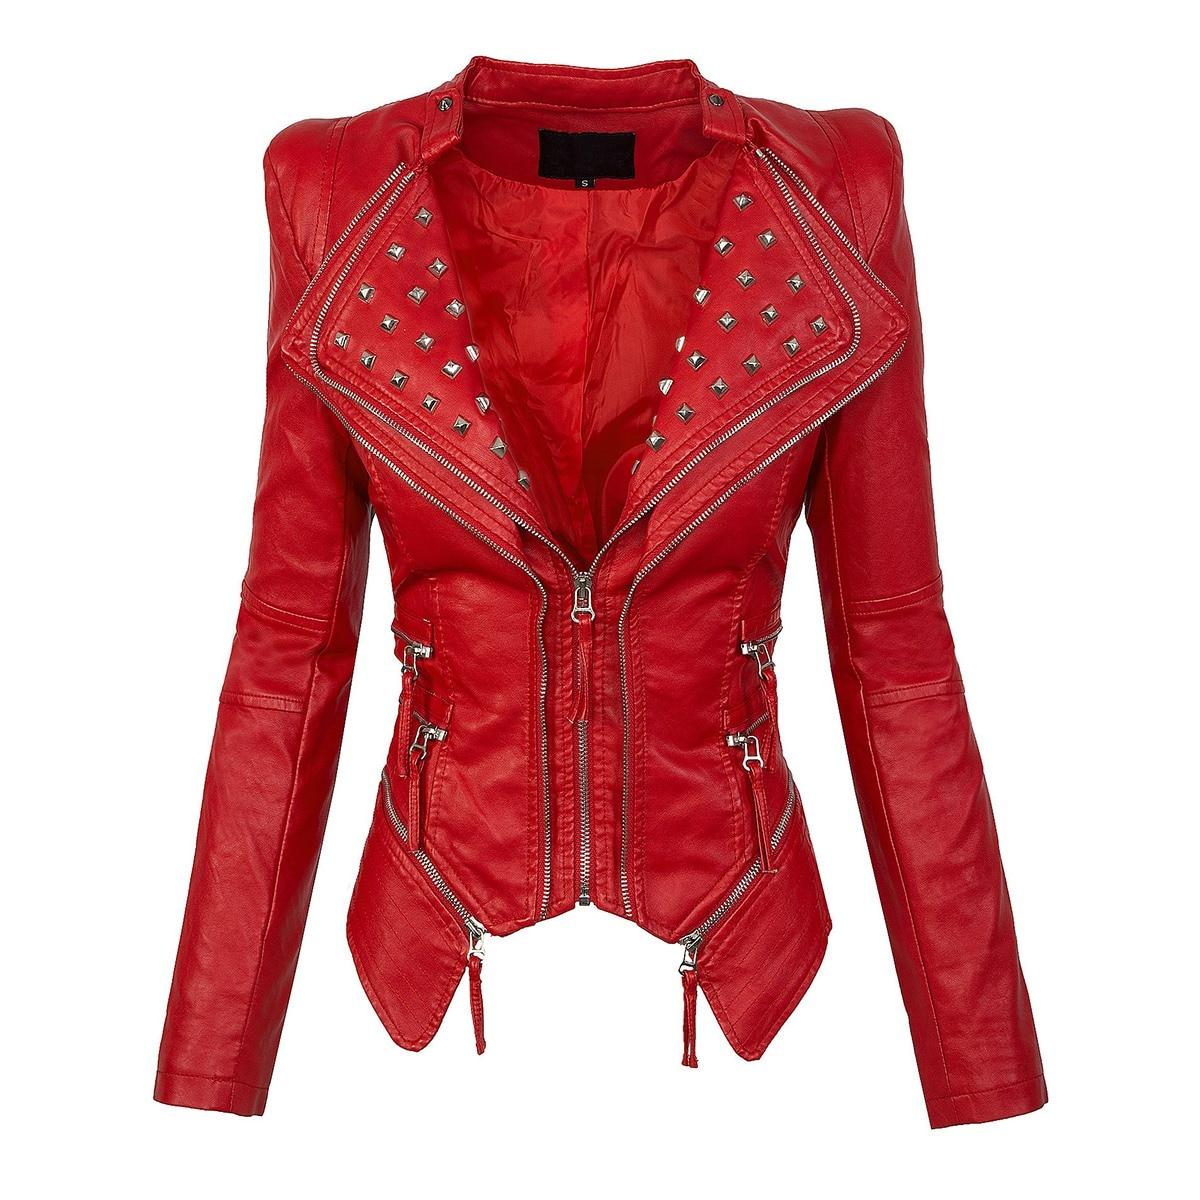 Automne femmes rouge veste manteau faux en cuir Plaine Large Revers Rivet zipper veste pu haute rue haut court outwear sexy fille 2019